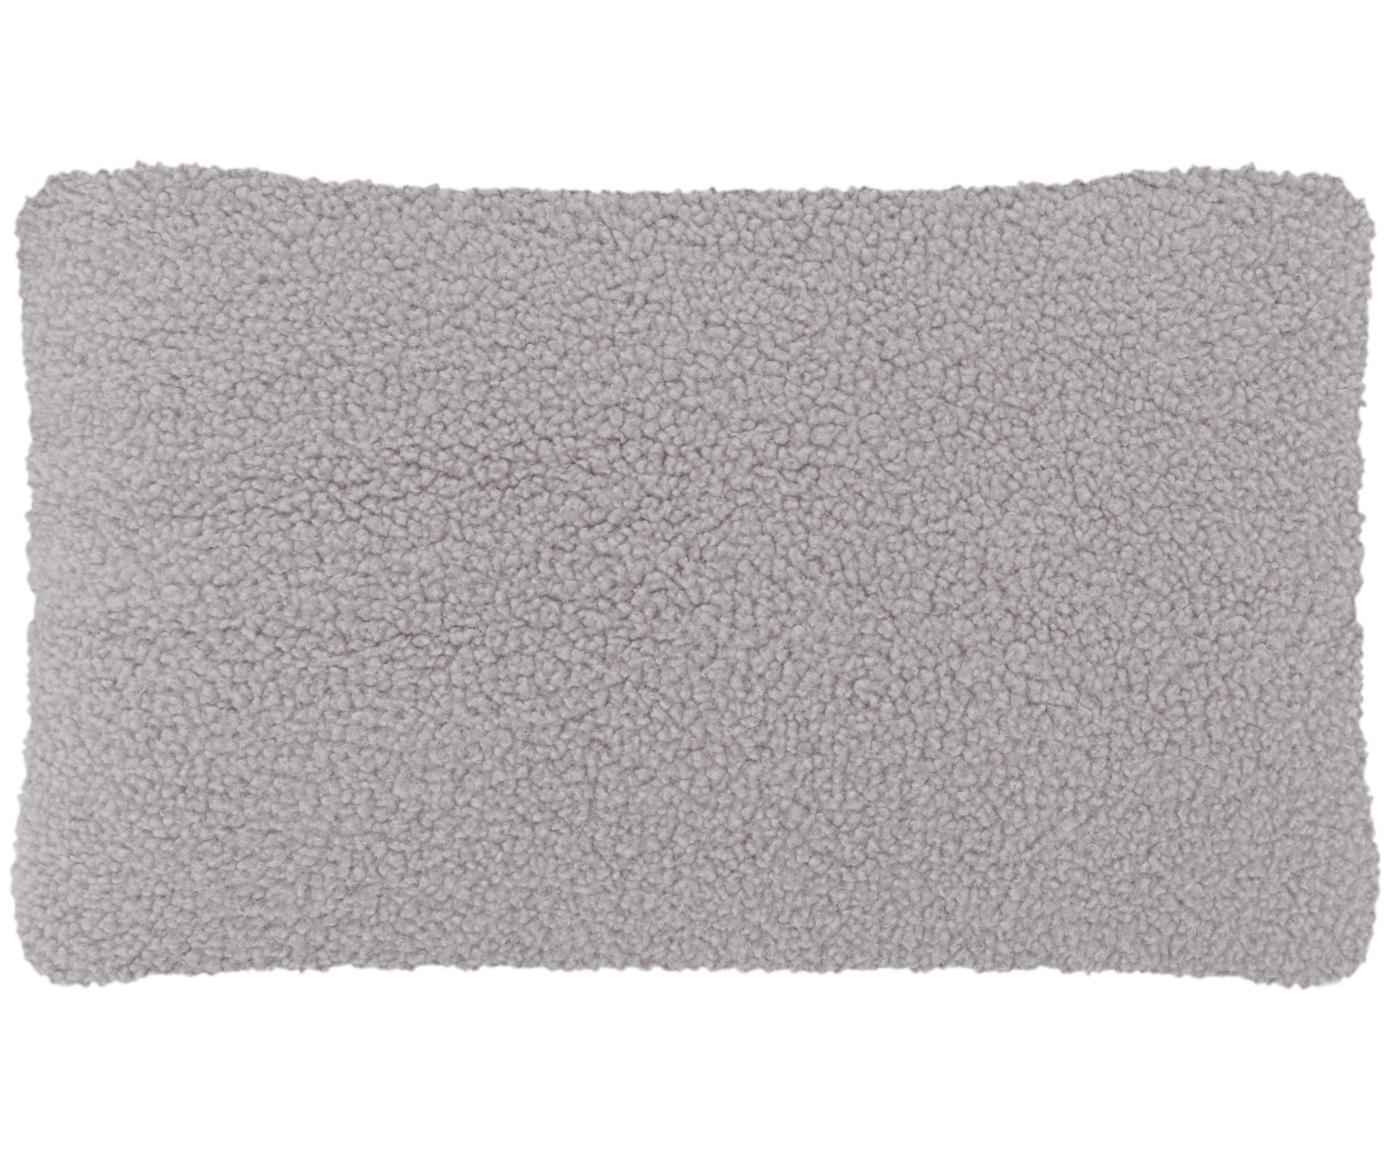 Funda de cojín de borreguillo Mille, Parte delantera: 100%poliéster (borreguil, Parte trasera: 100%poliéster (borreguil, Gris claro, An 30 x L 50 cm